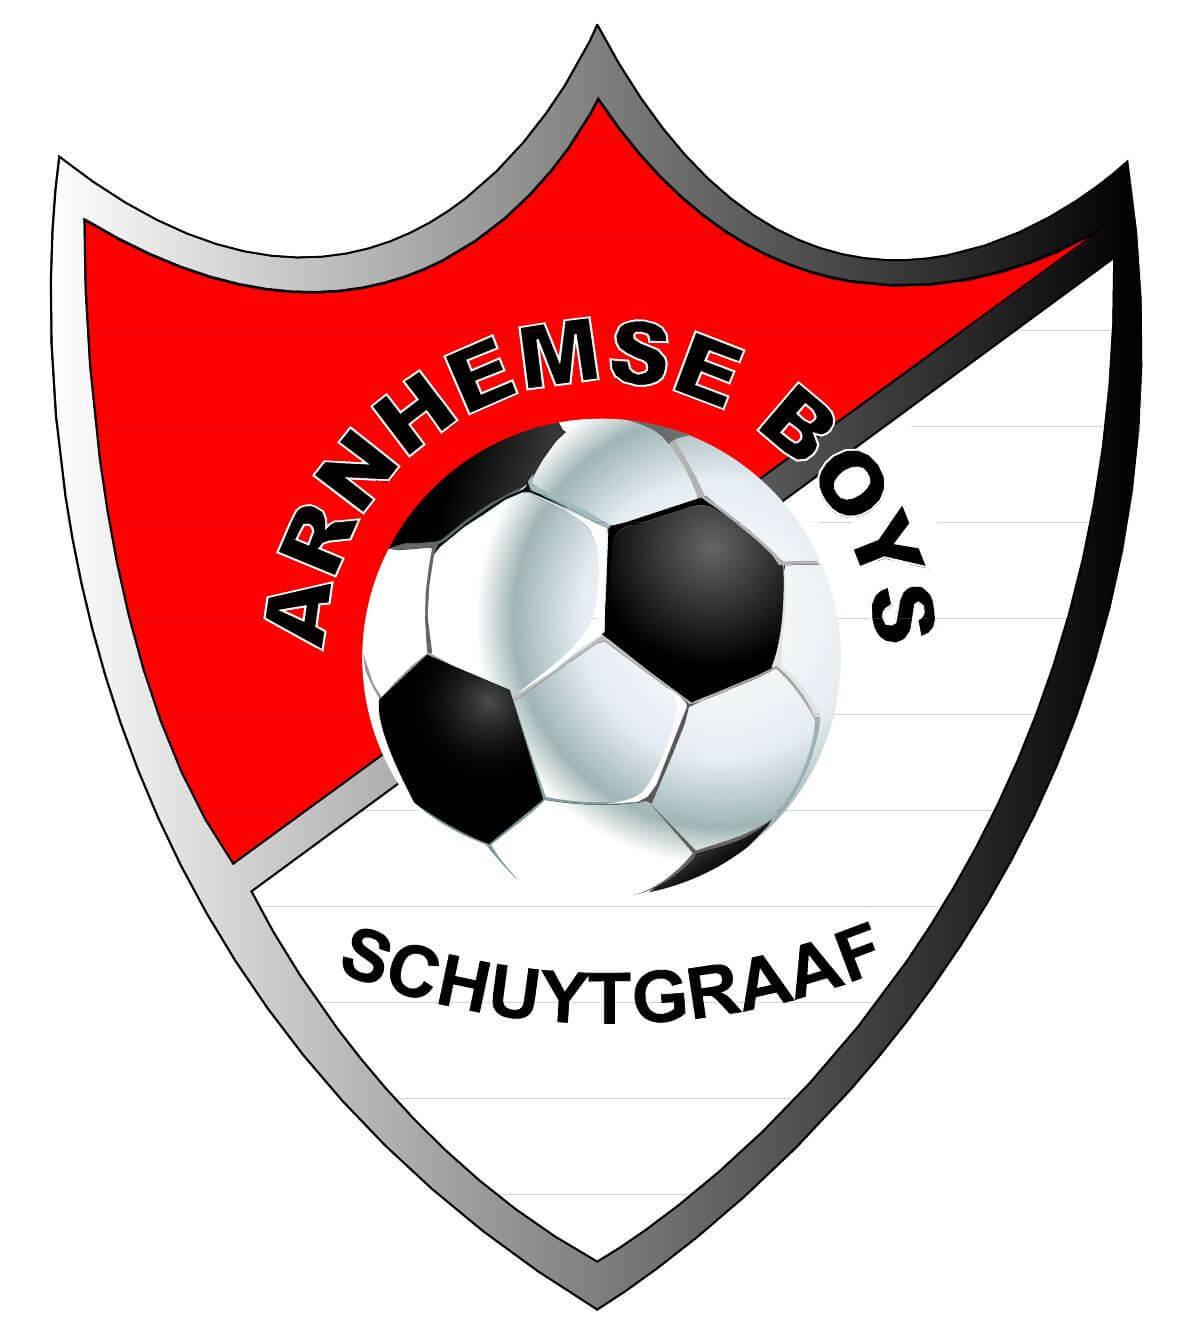 Voetbal Gelderland